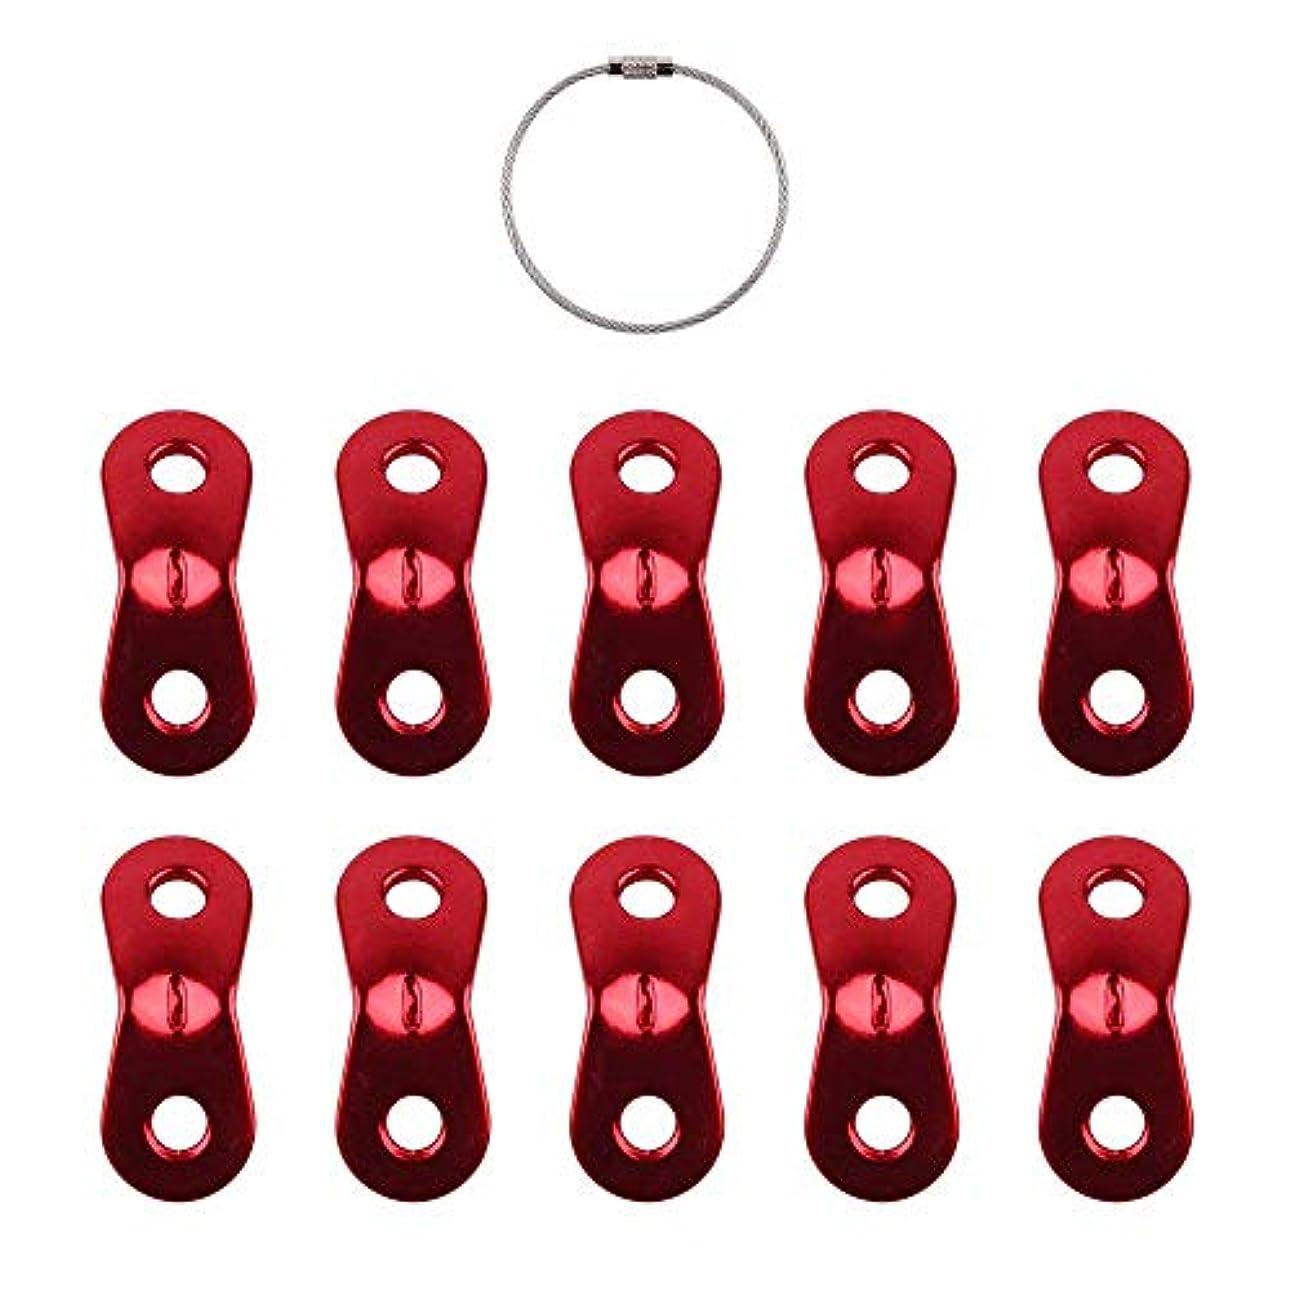 裁定割合聴くアルミ自在金具ロープテンショナー頑丈で優れた耐久性 しっかりに固定可能 取り付け簡単10個セット